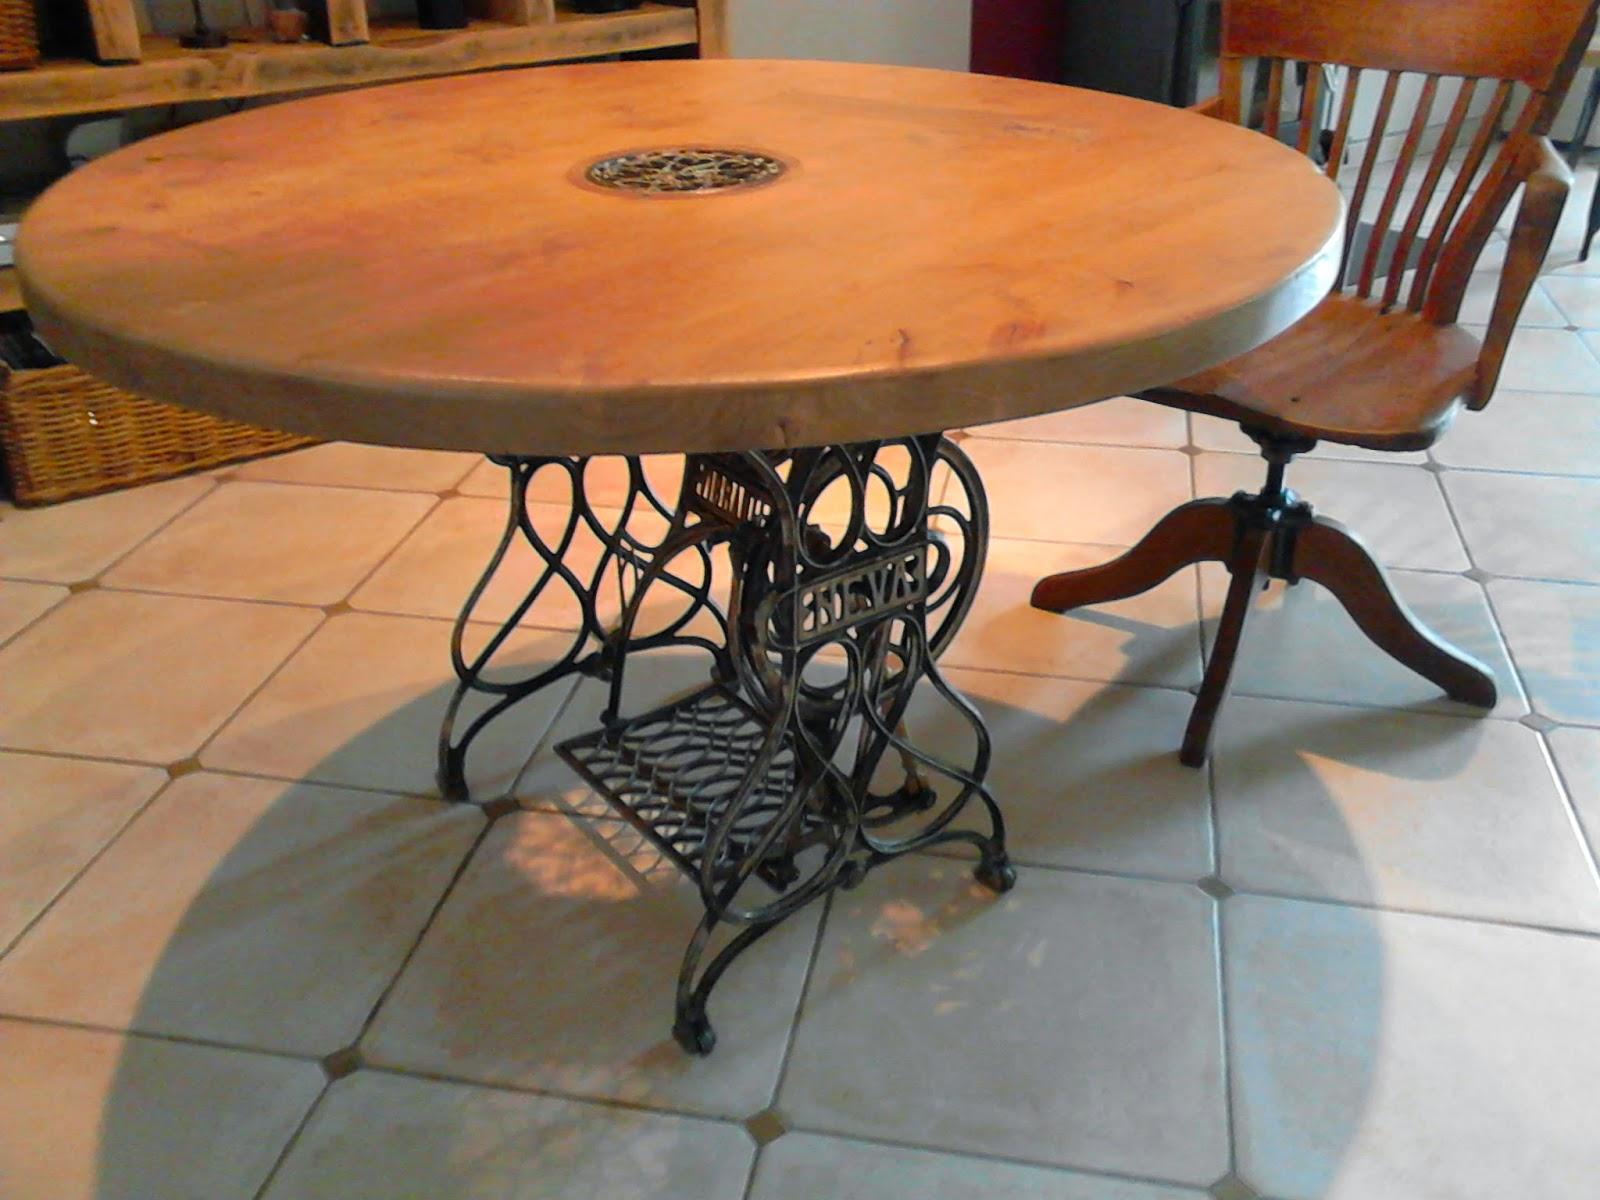 meubles et objets de d coration style industriel table de style industriel cr e sur la base d. Black Bedroom Furniture Sets. Home Design Ideas